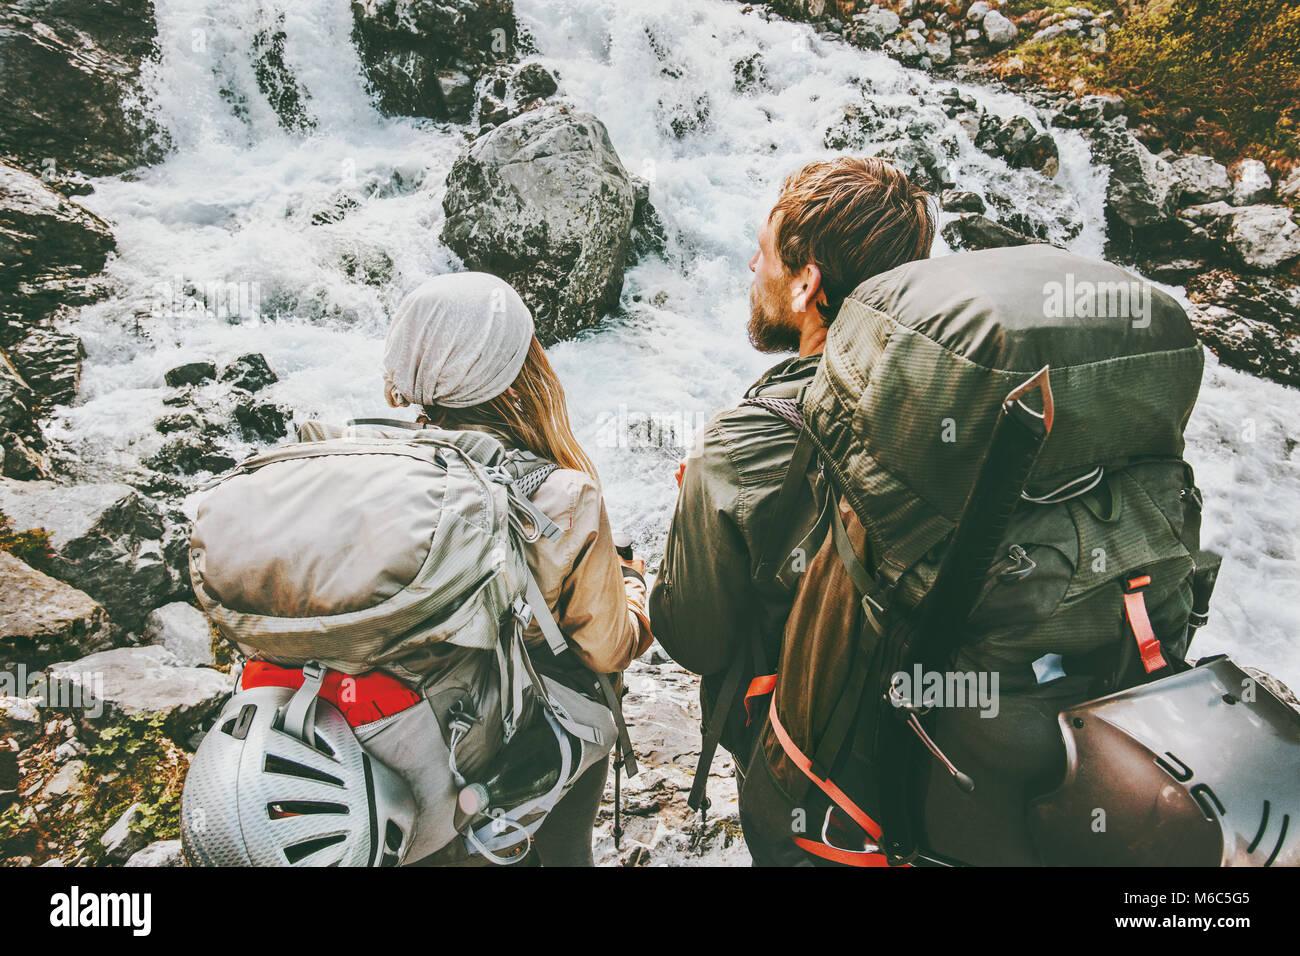 Randonnées en montagne quelques backpackers ensemble l'amour et de vie d'aventure voyage wanderlust Photo Stock